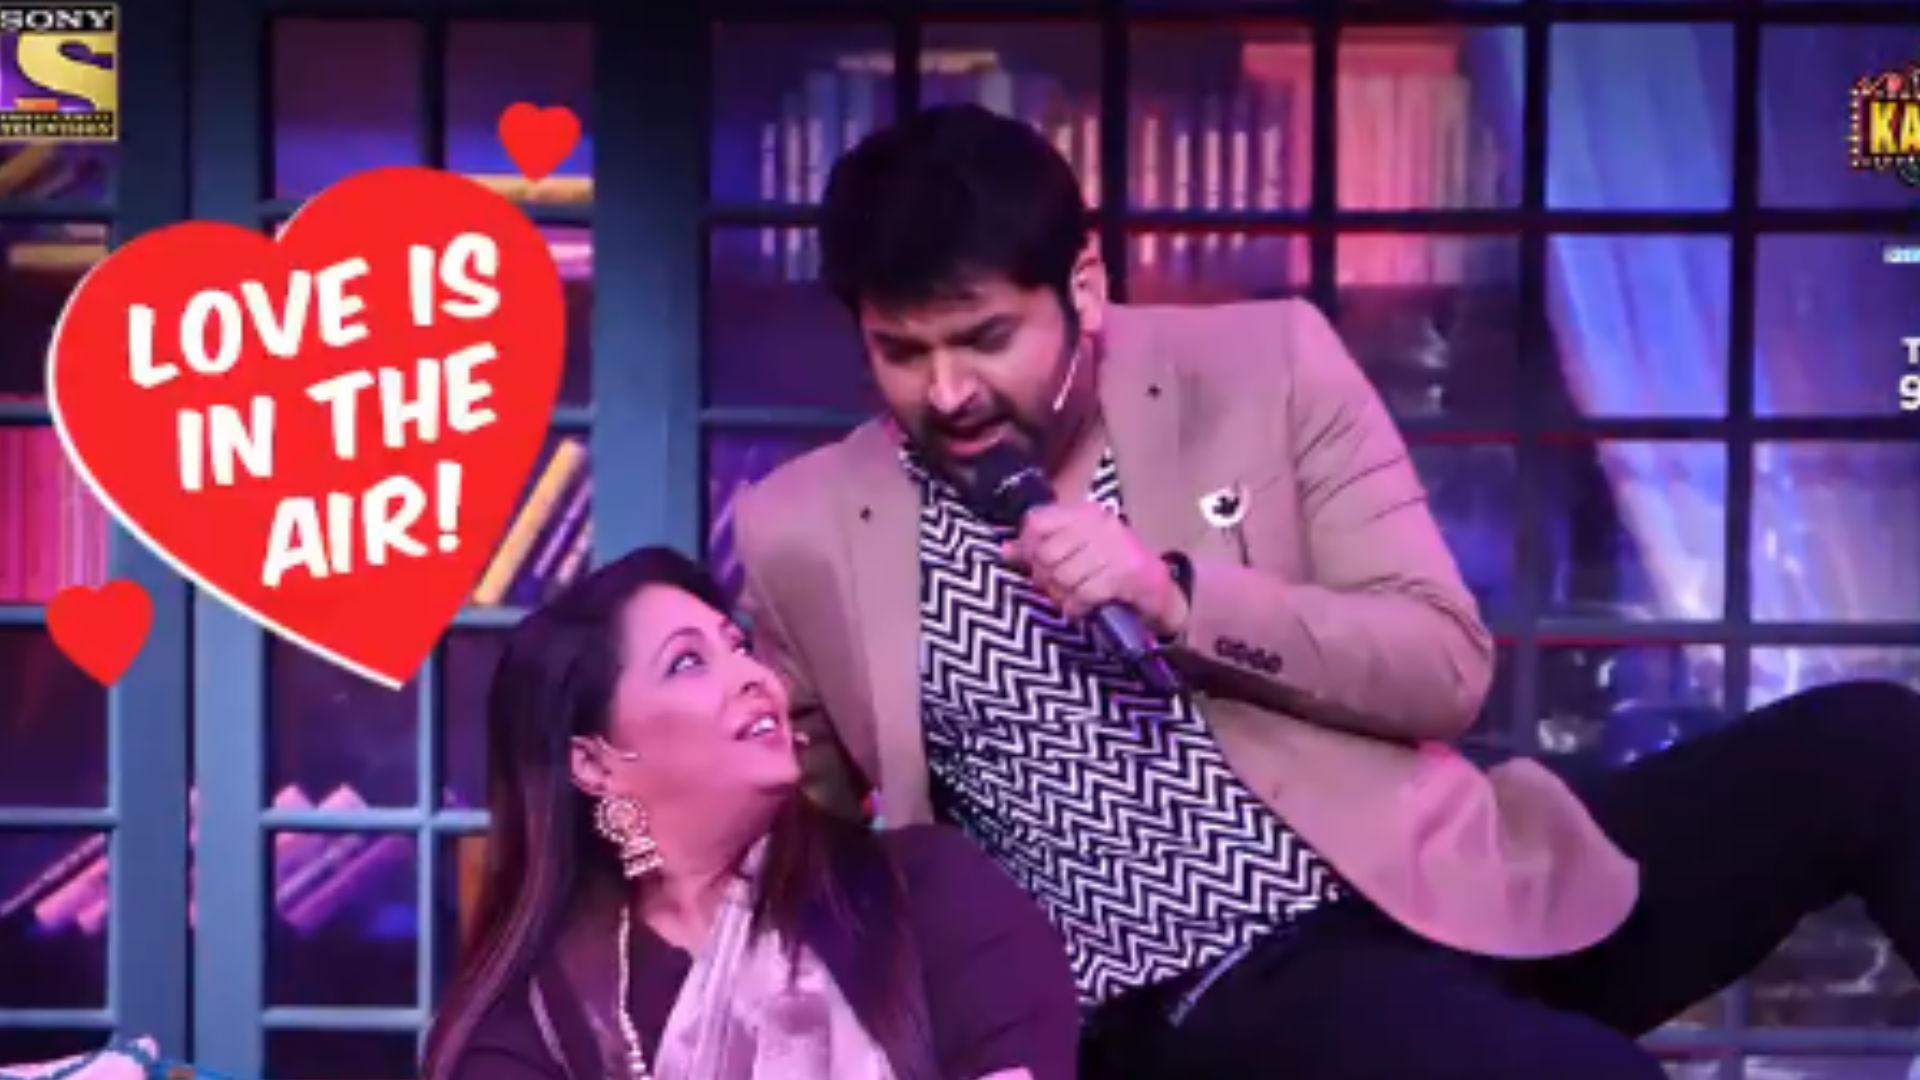 द कपिल शर्मा शो हाइलाइट्स: सुपर डांसर 3 के जजों ने शो में मचाया धमाल, गीता कपूर-राजेश अरोड़ा का दिखा रोमांस